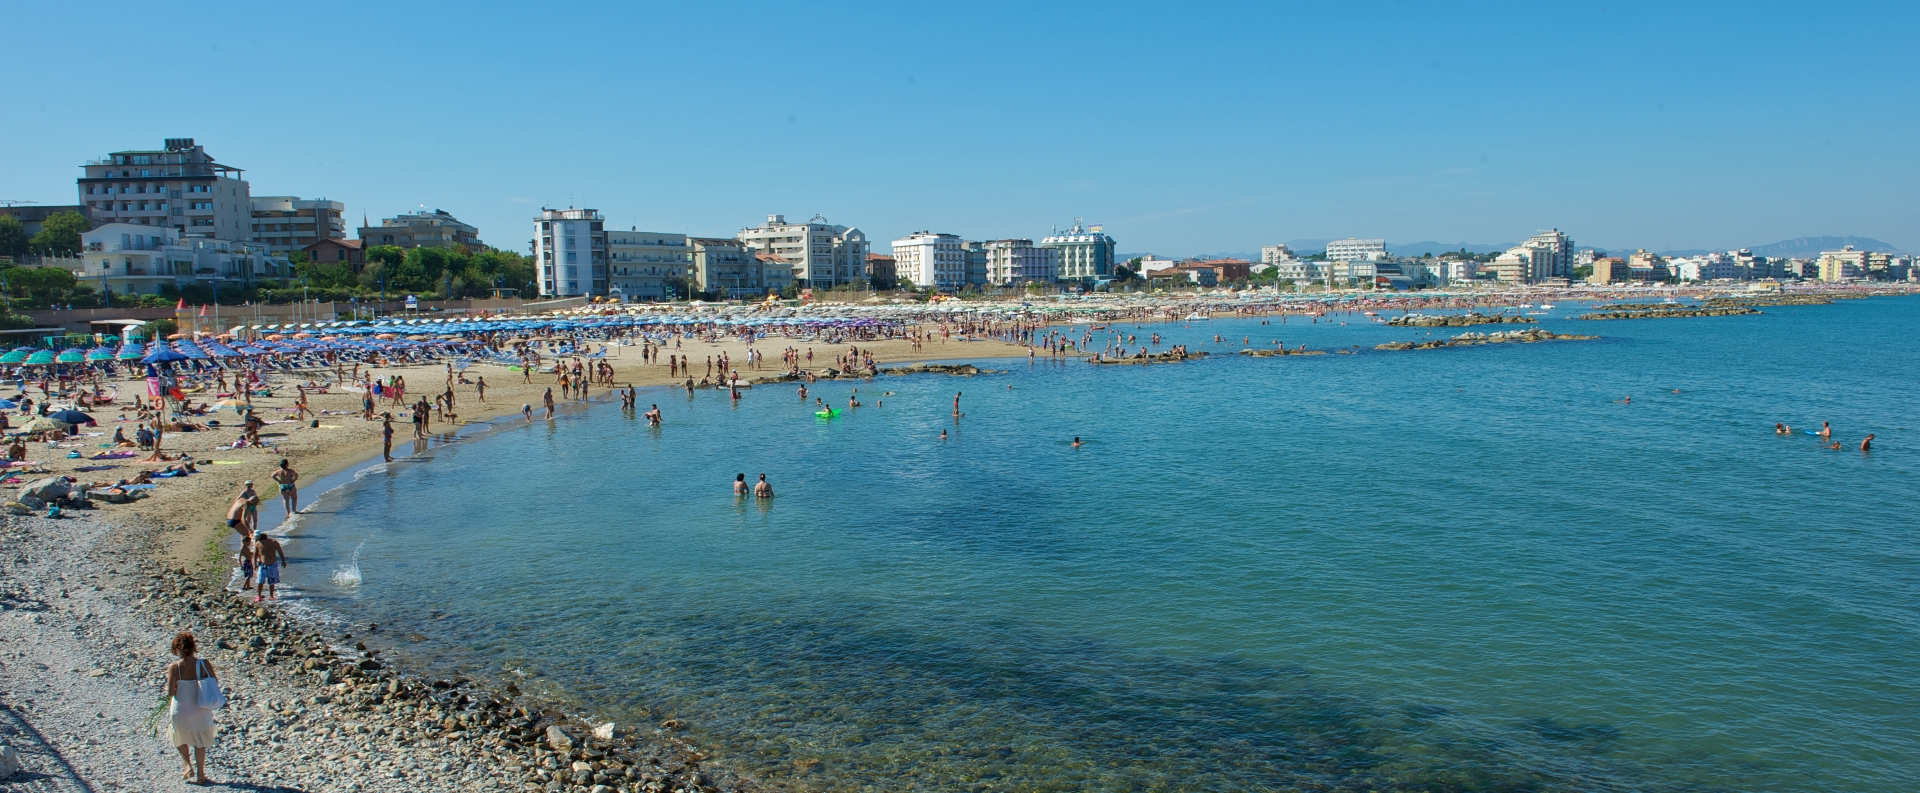 Cattolica beach